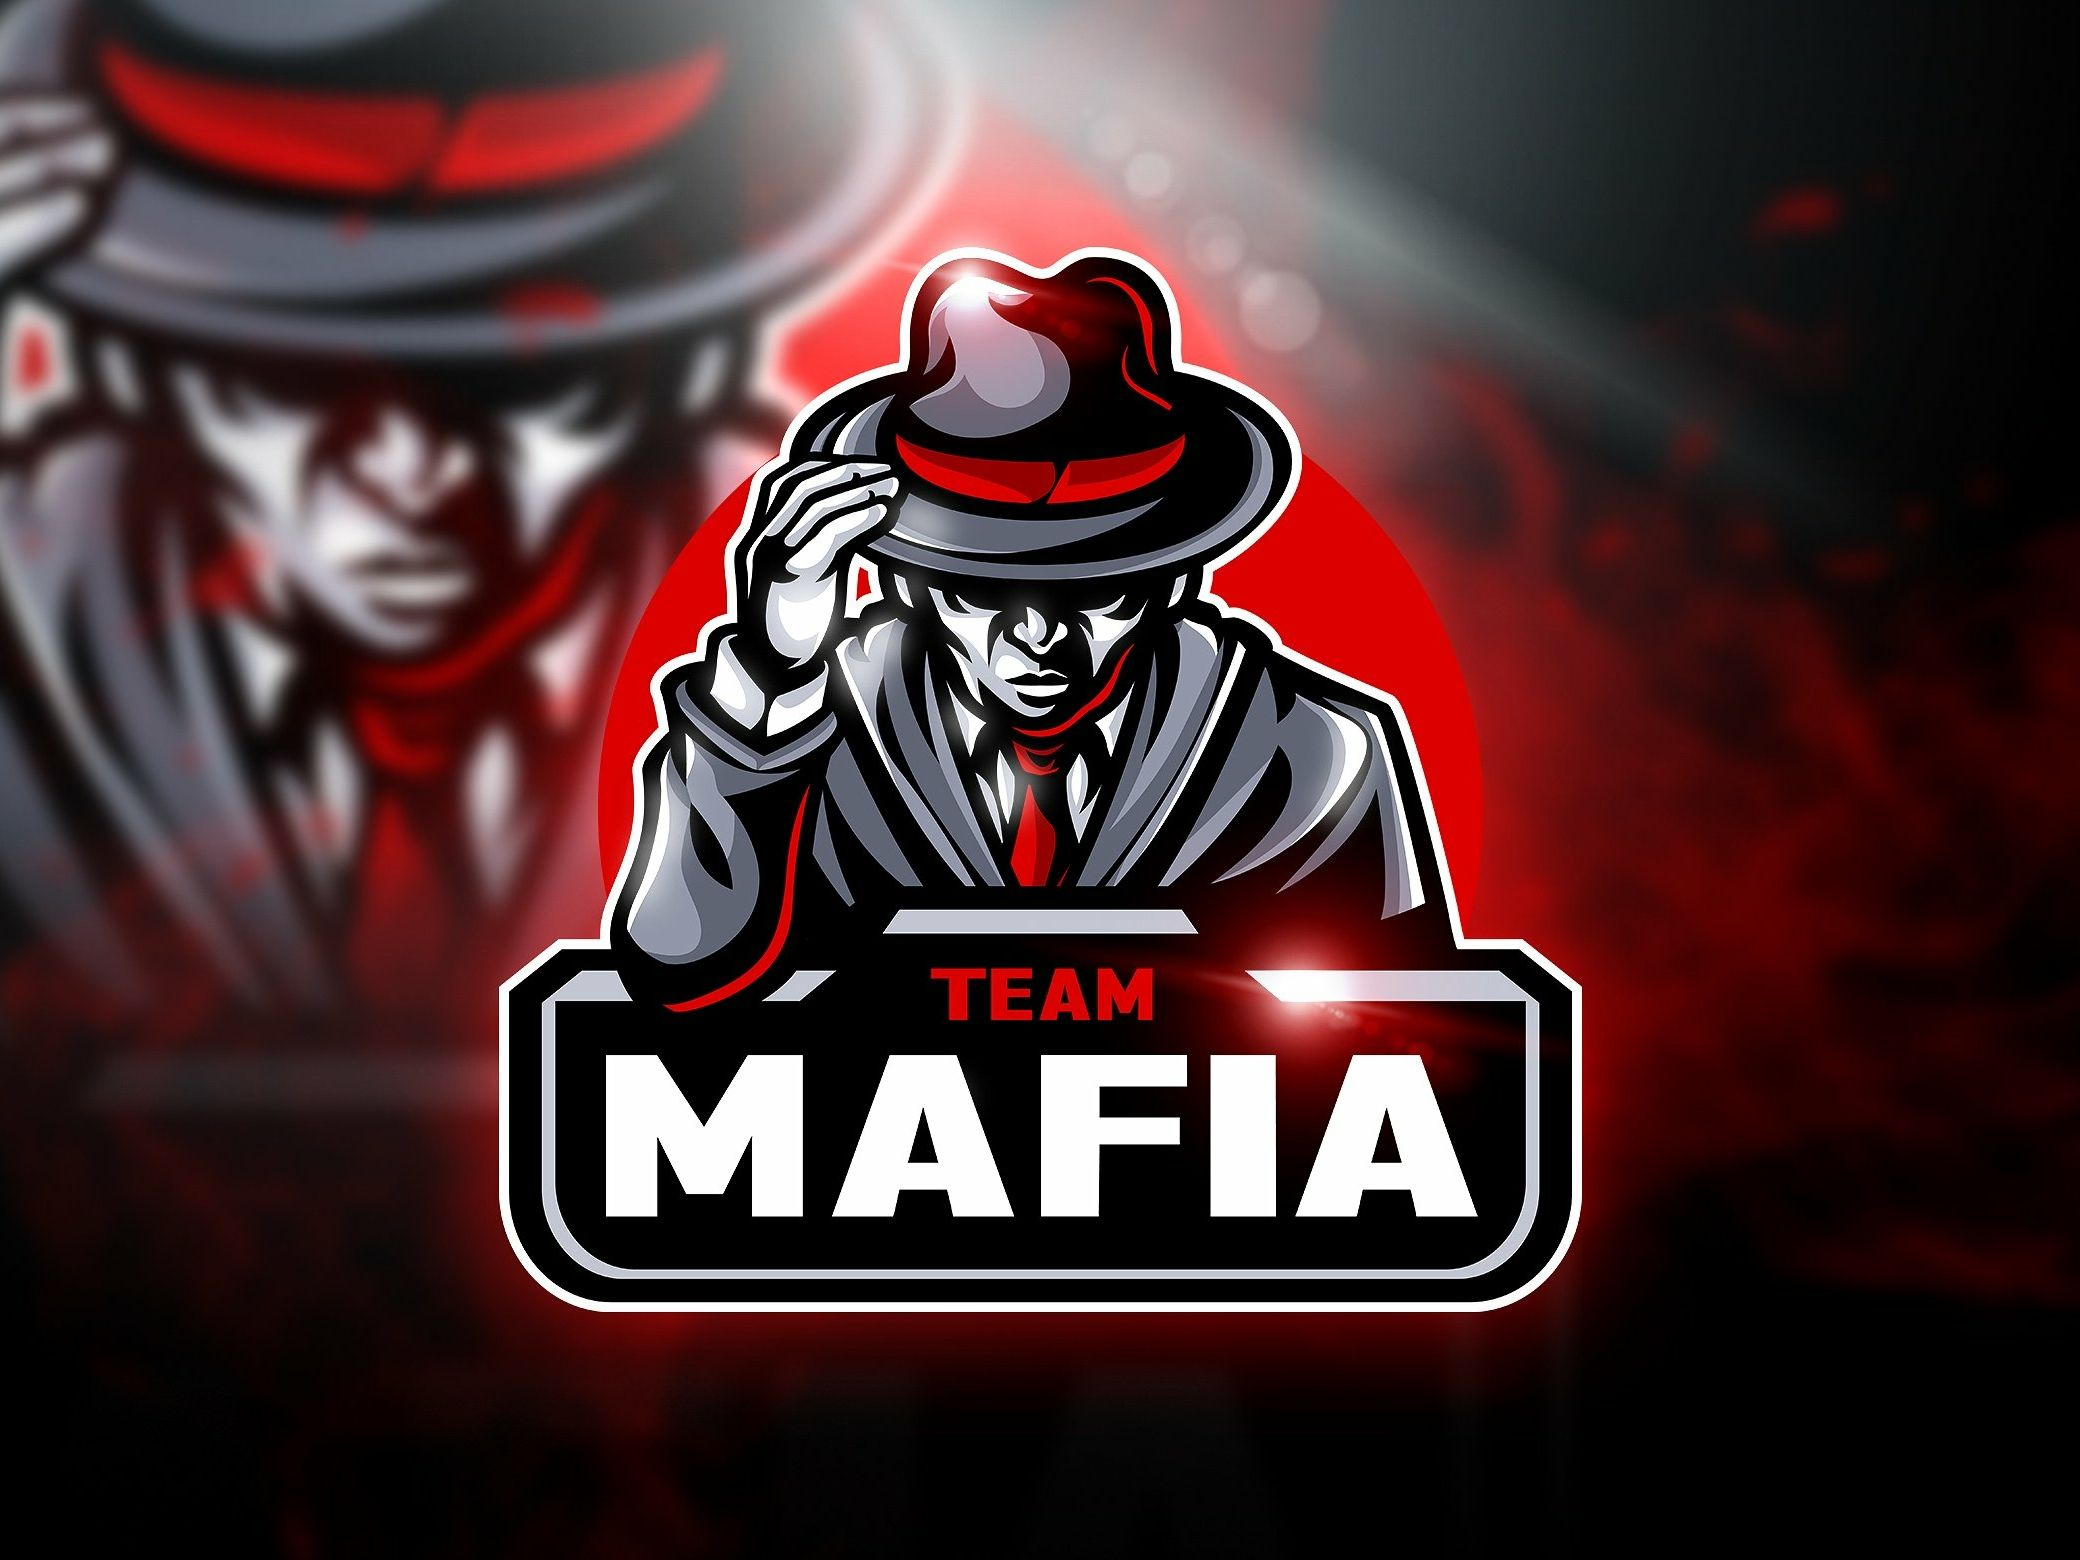 Mafia Team Mascot & Esport Logo in 2020 Team logo